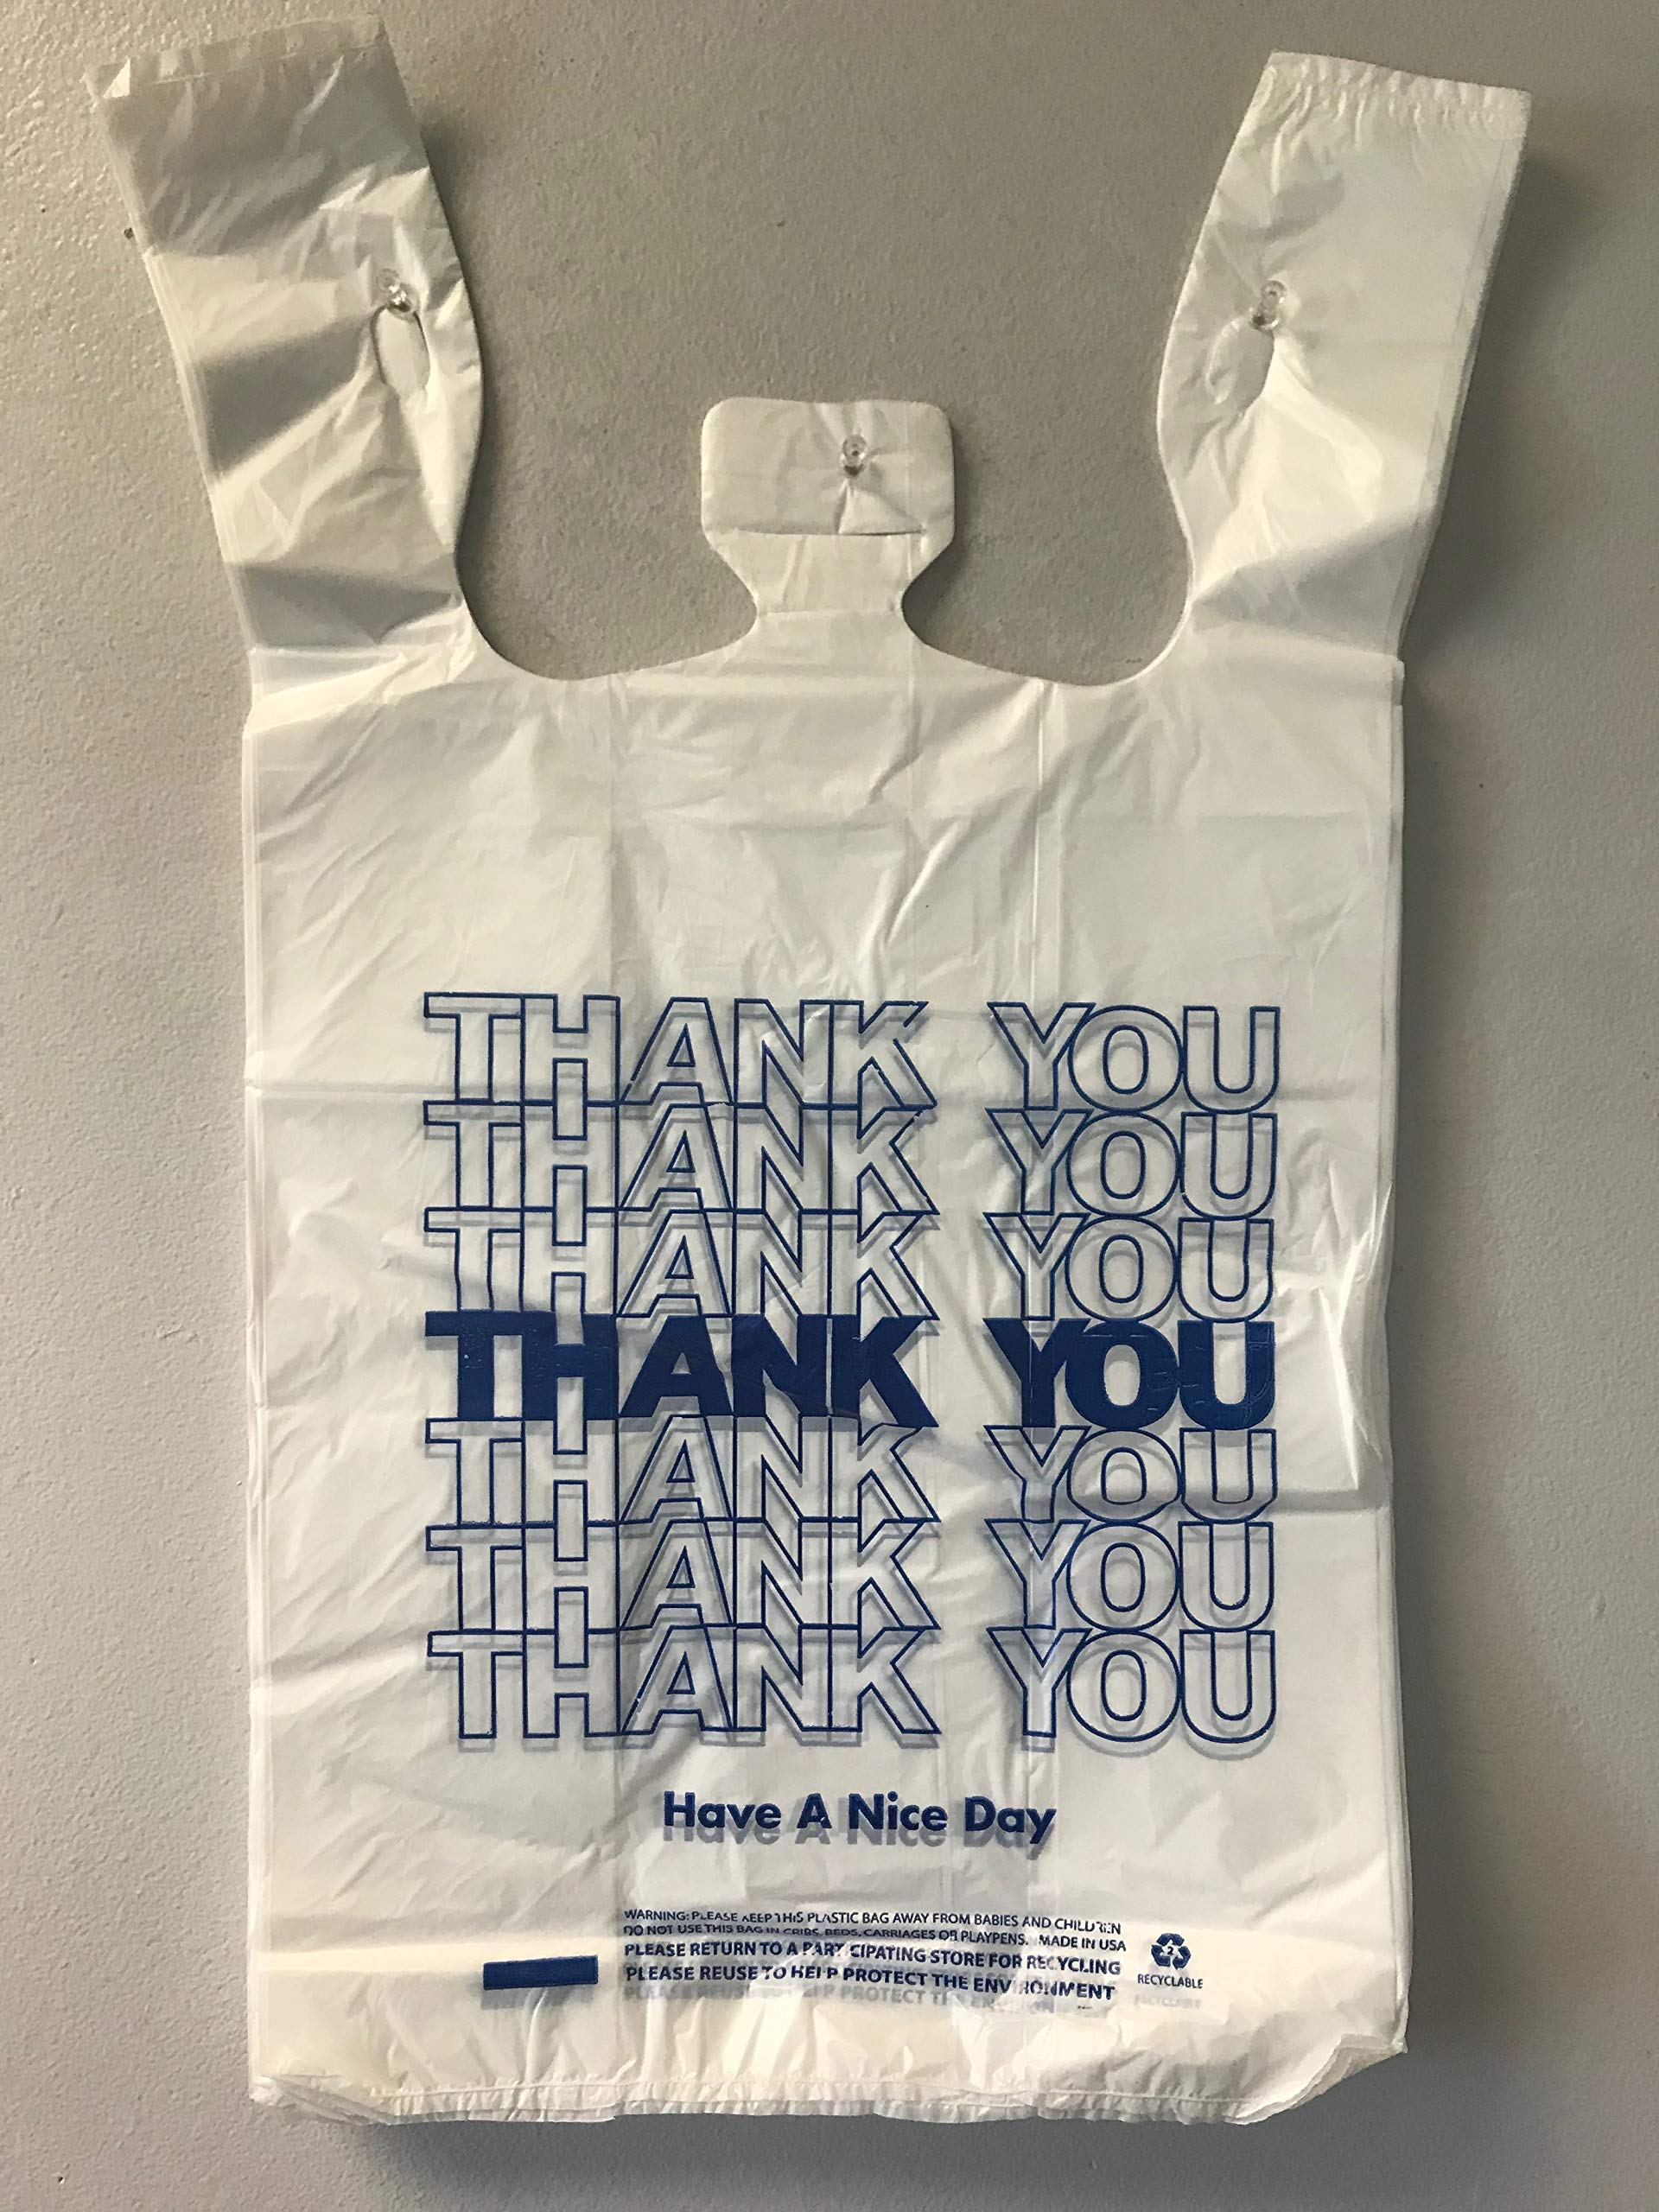 Blue Thank You T-Shirt Grocery Bags 12X7X22 17MIC 0.67MIL 440pcs/cs by TLC Packaging (Image #1)